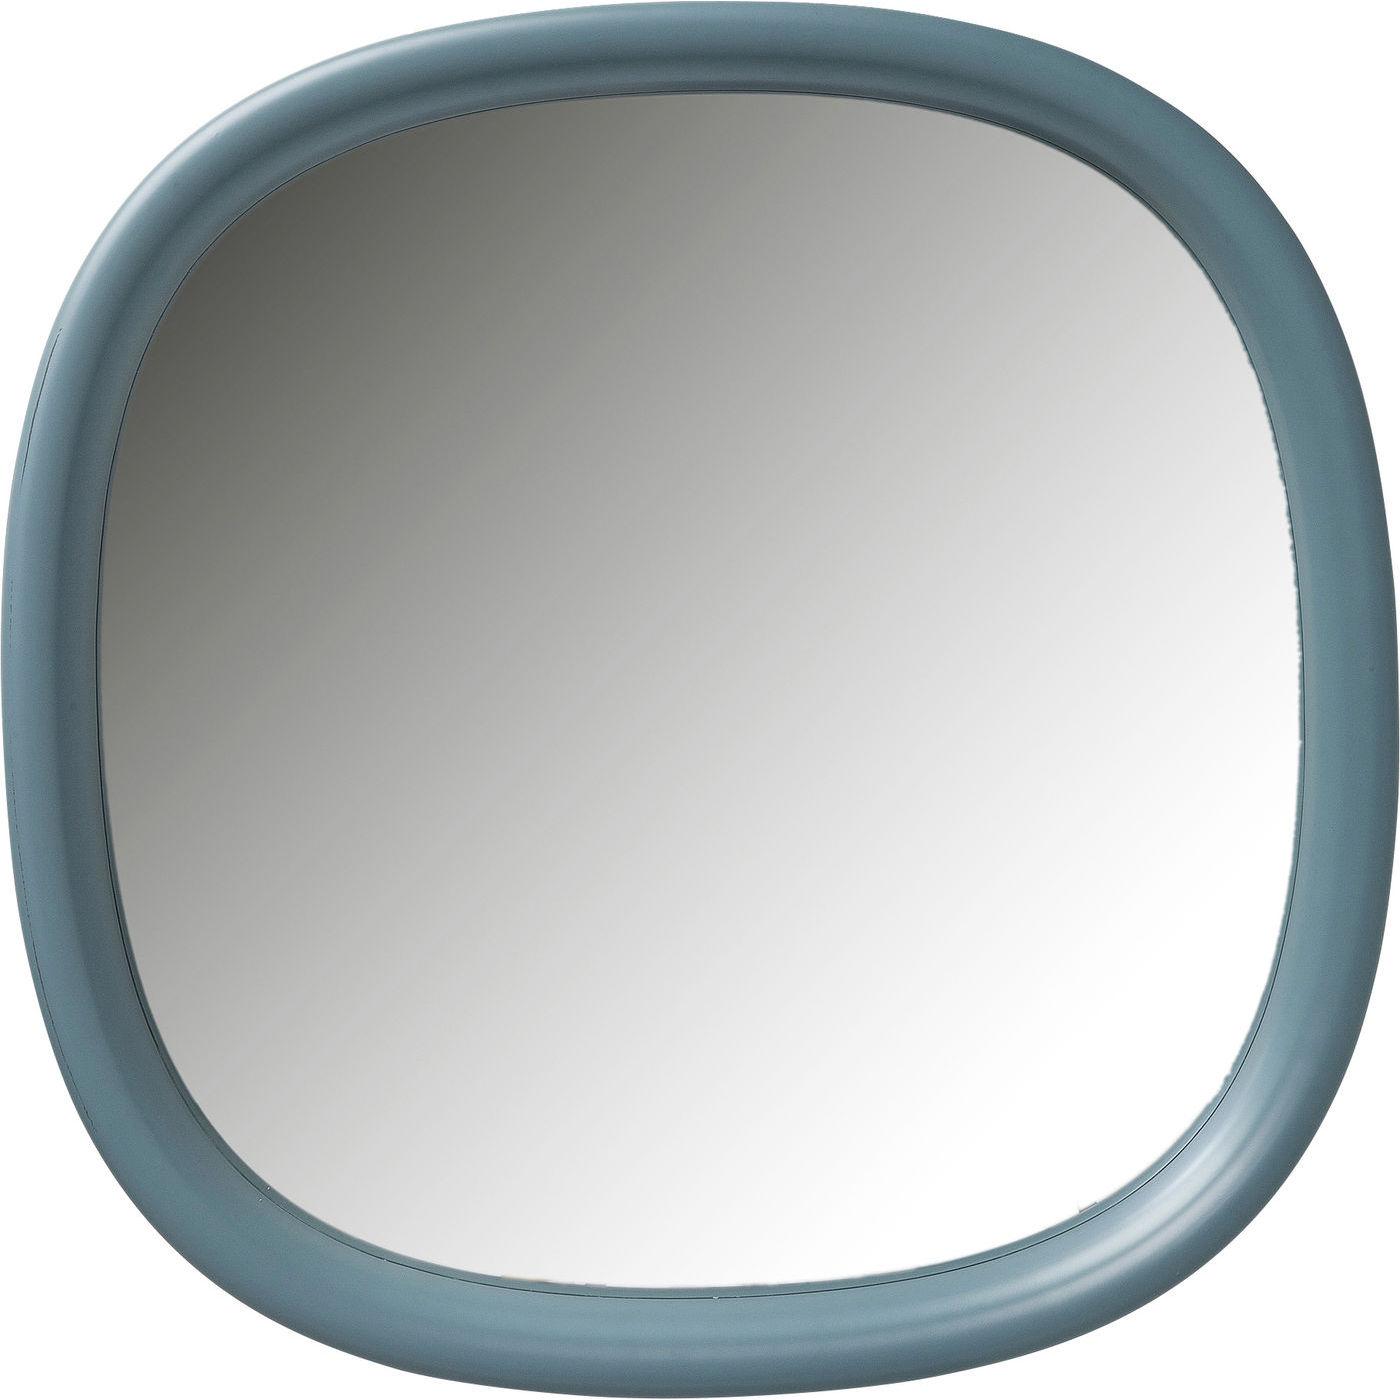 kare design Kare design salto mint vægspejl - spejlglas og mintgrøn plastik (100x100) fra boboonline.dk